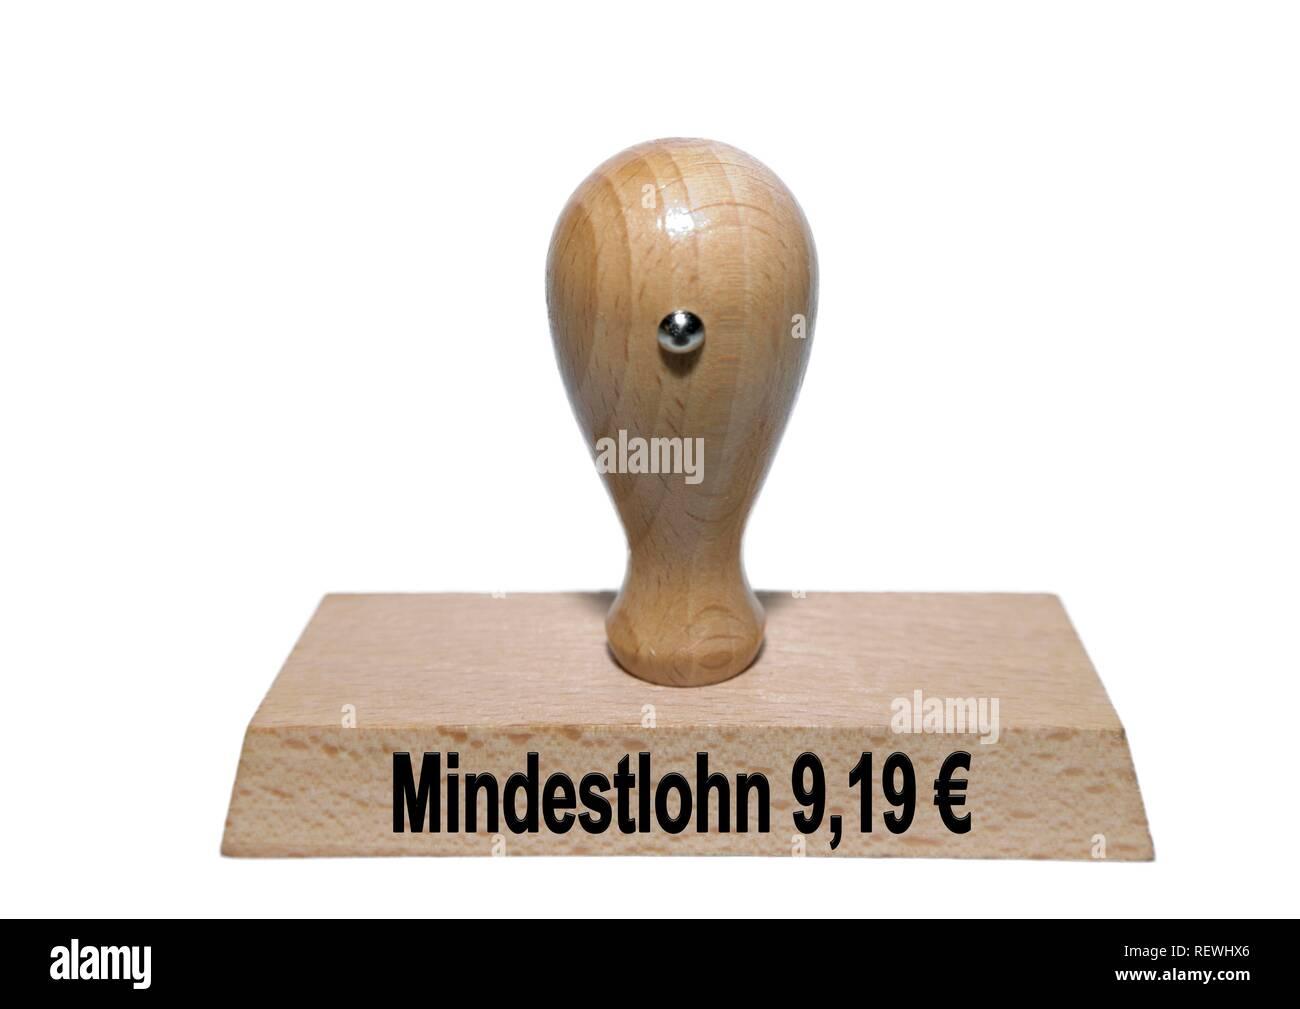 Immagine di simbolo, timbro con iscrizione salario minimo 9,19€, intaglio, Germania Foto Stock